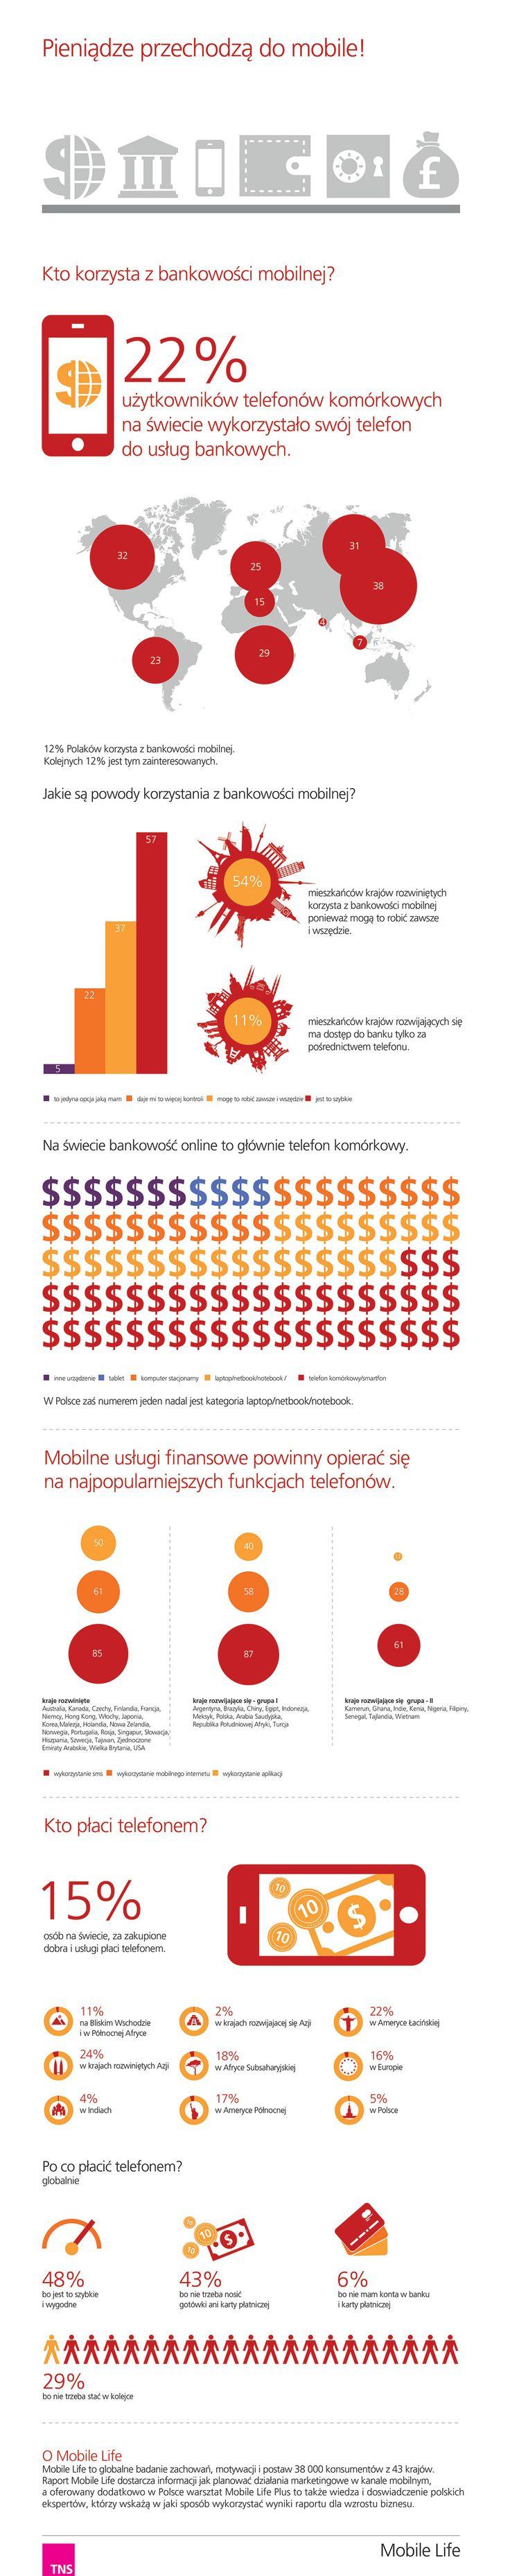 Pieniądze przechodzą do mobile!